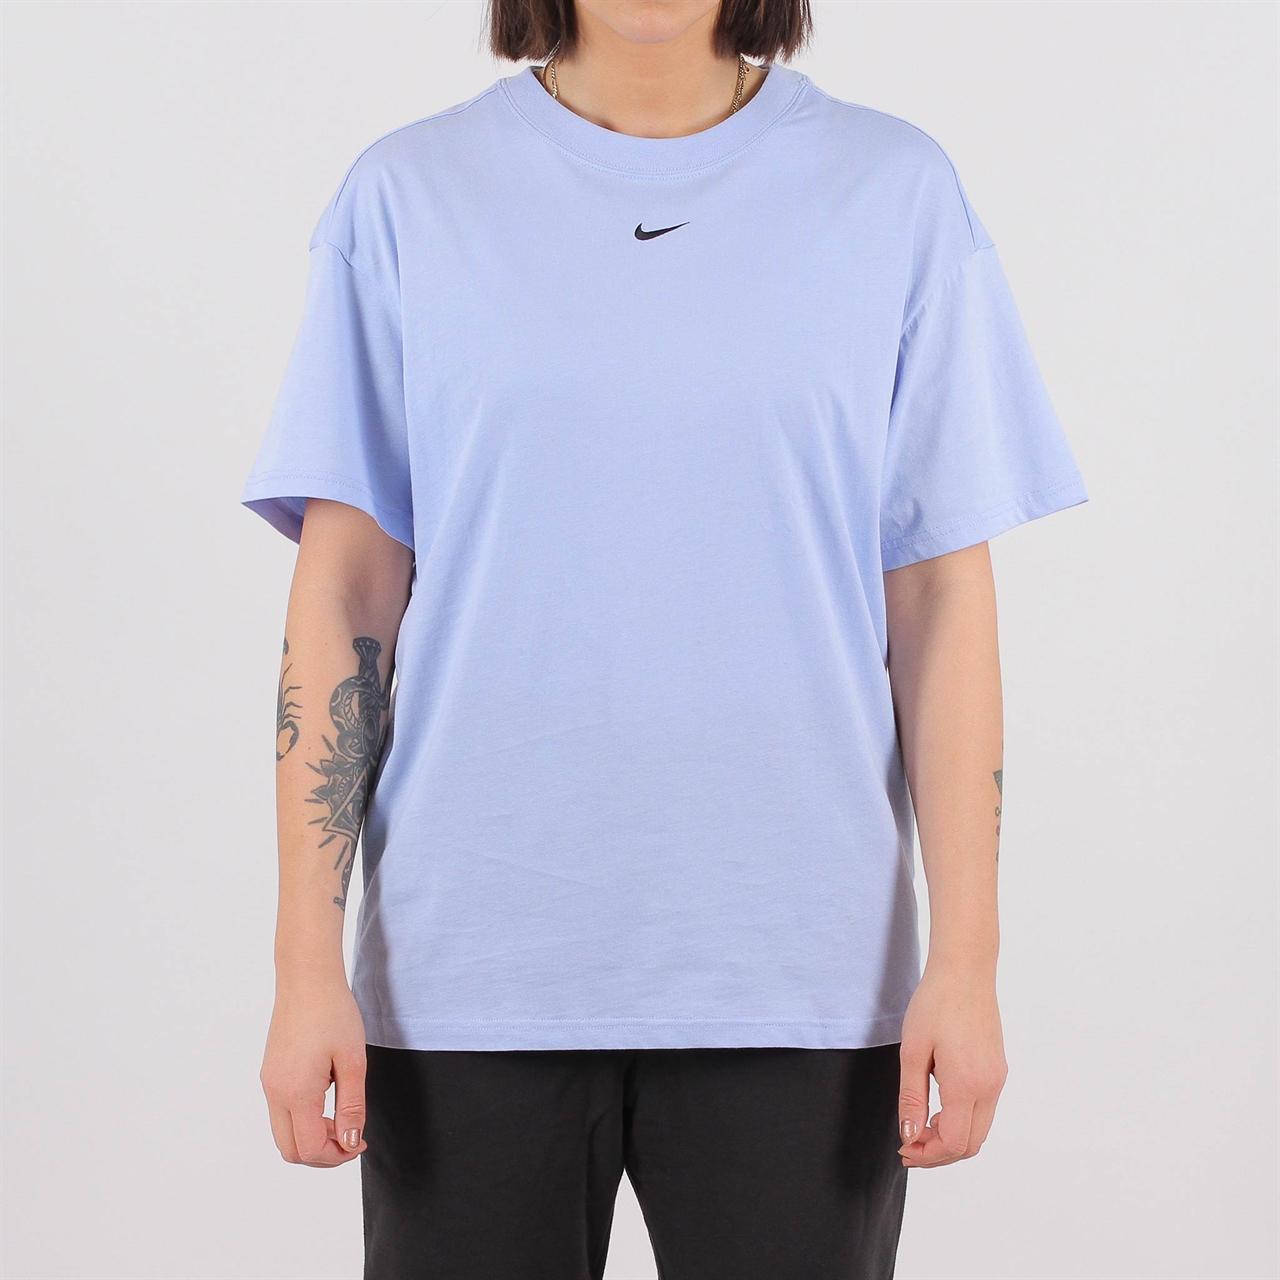 2de298b00405 Shelta - Nike Womens Essential Top Blue (AR3145-450)